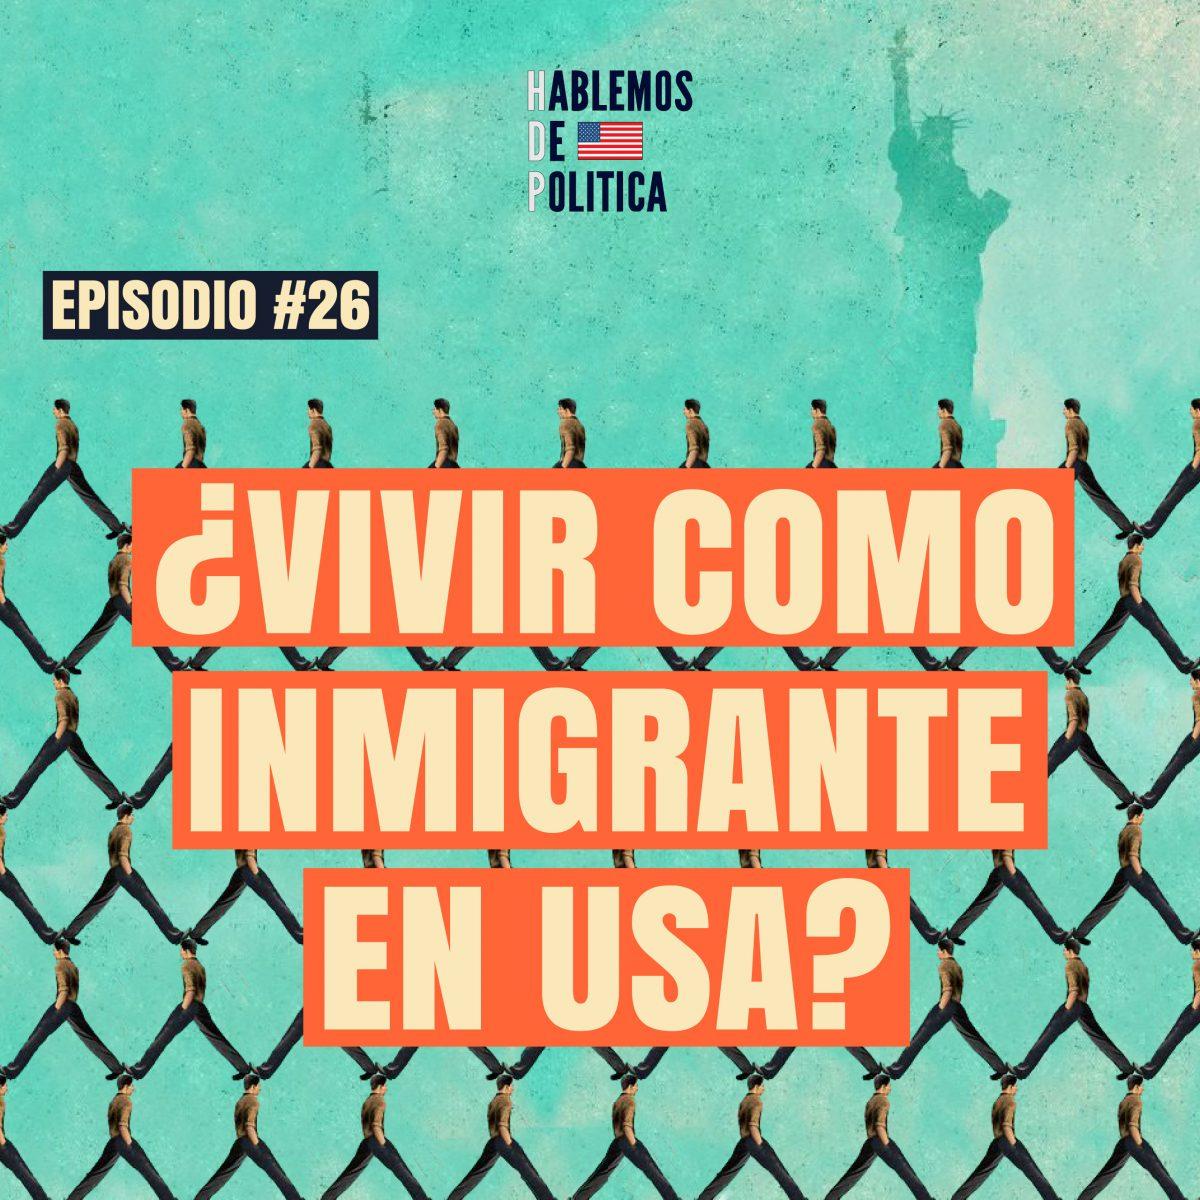 Vivir como inmigrante en USA